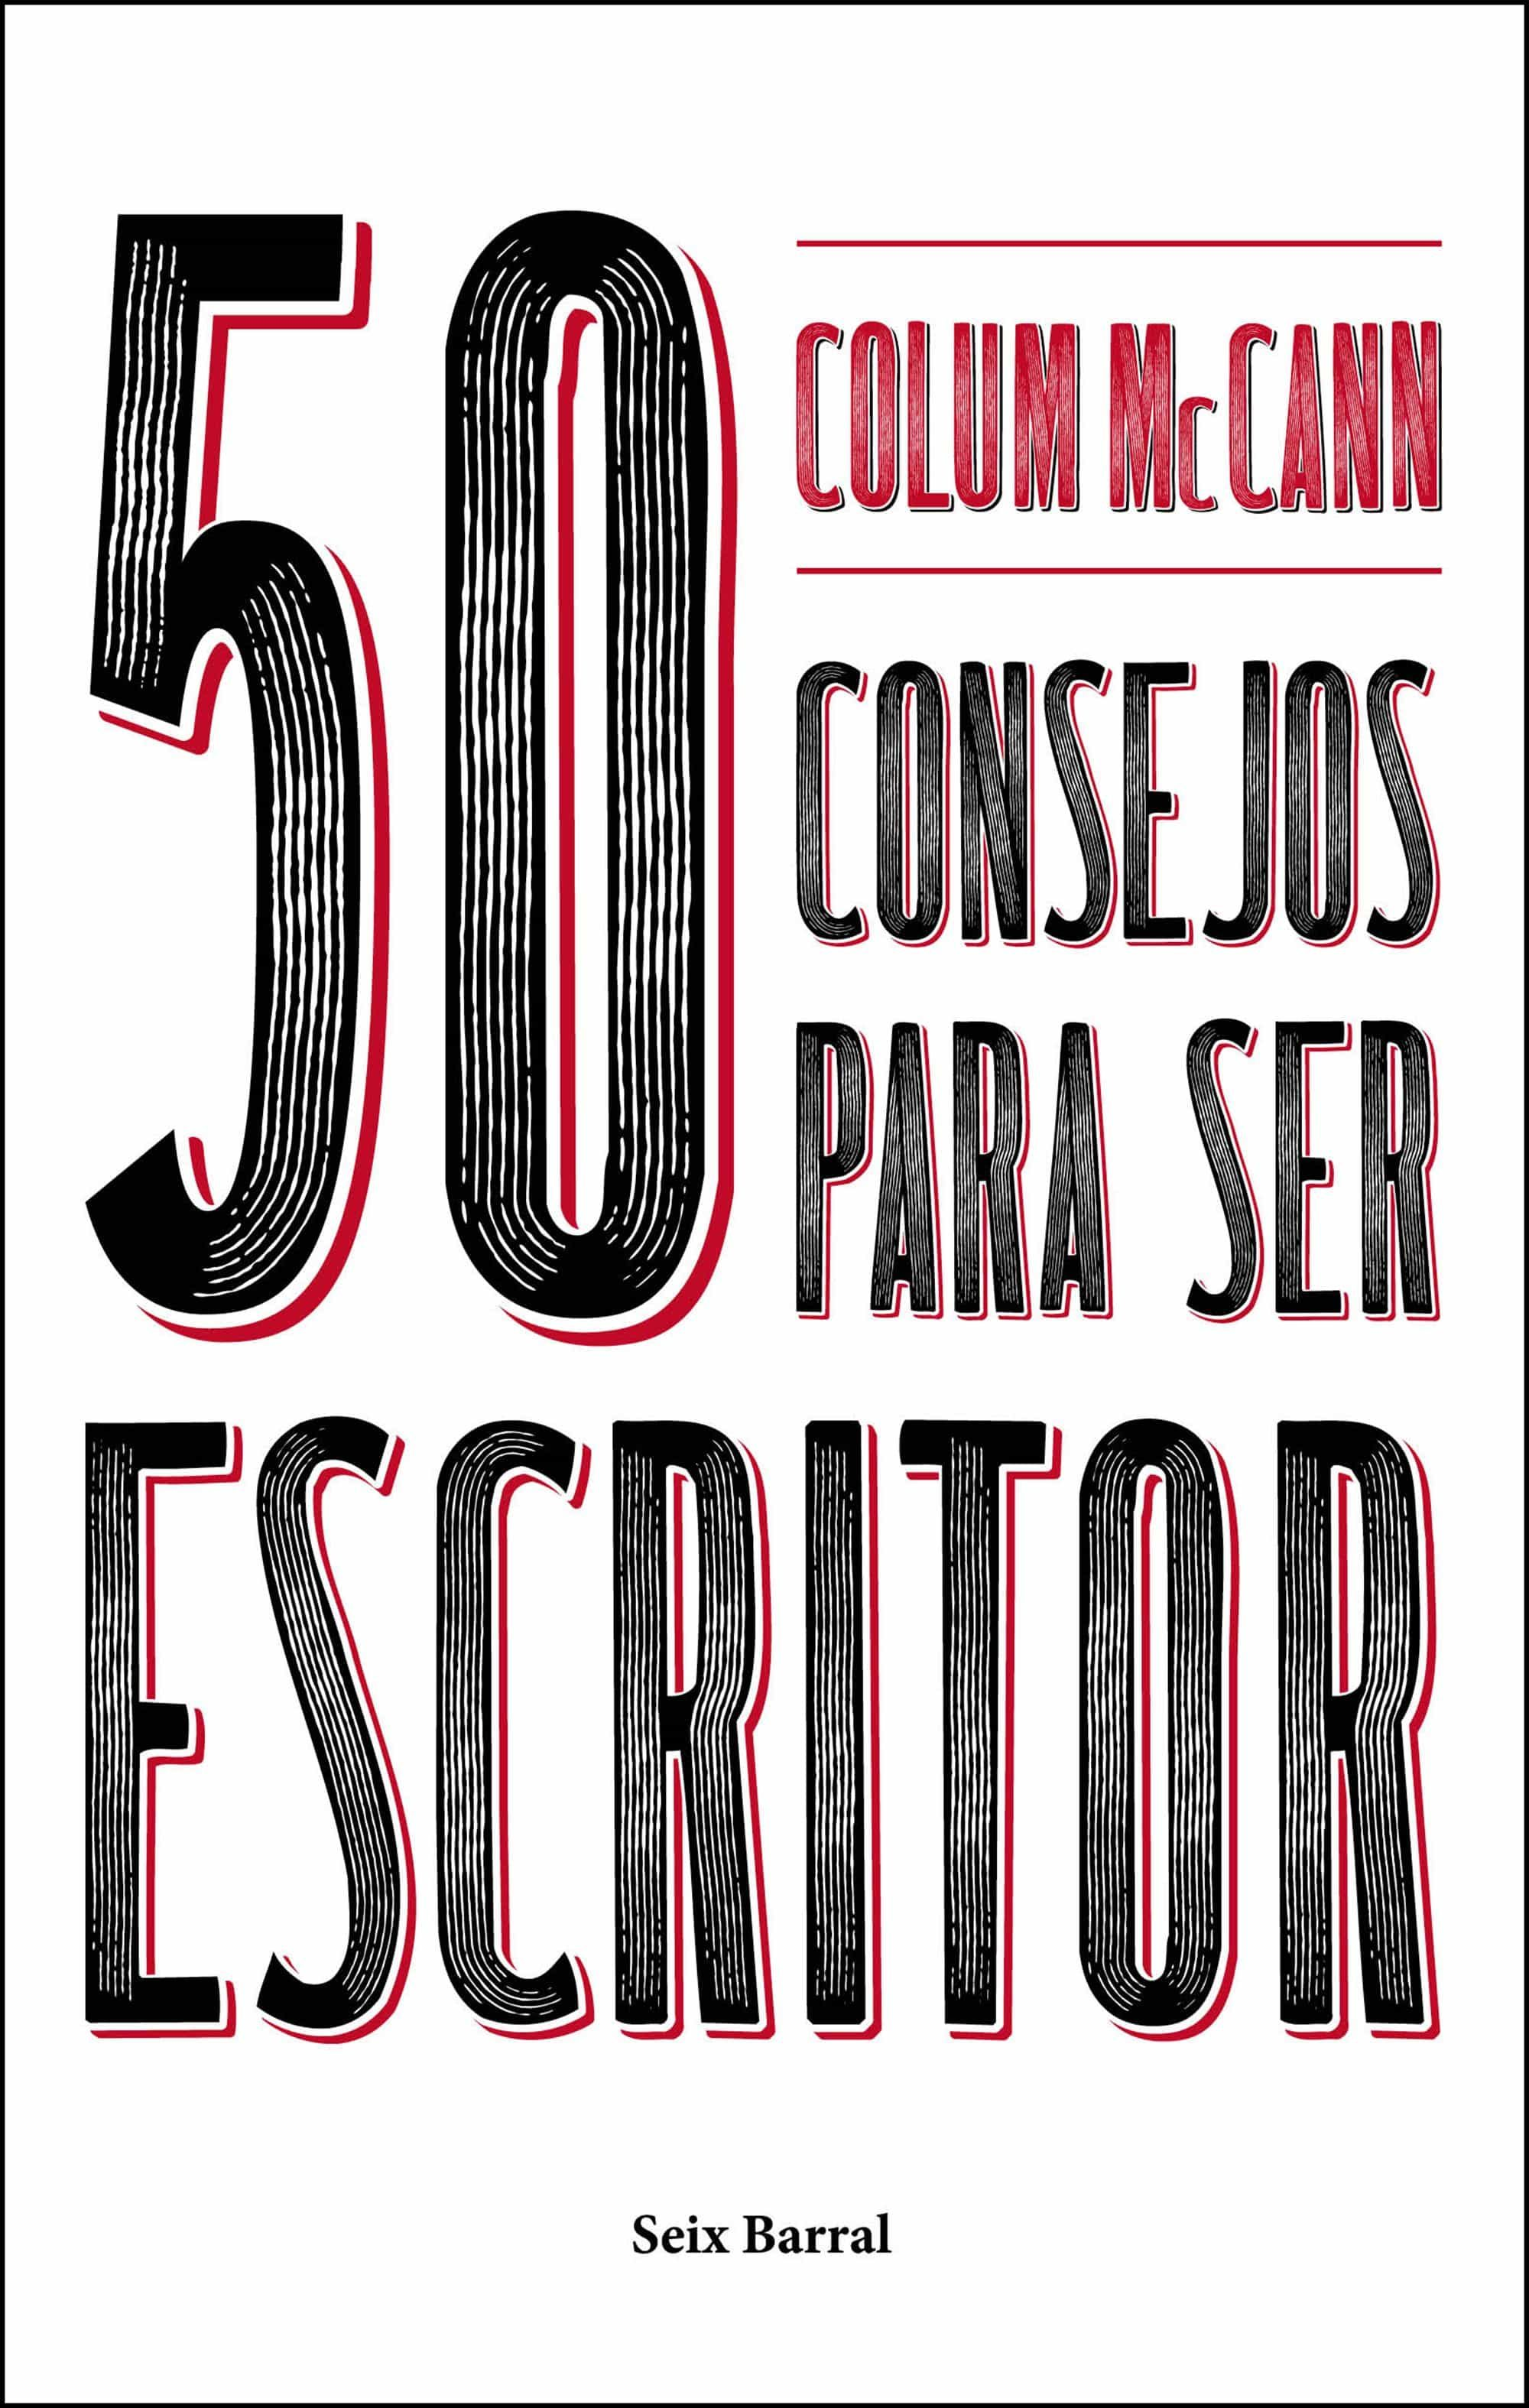 50 Consejos Para Ser Escritor - Mccann Colum